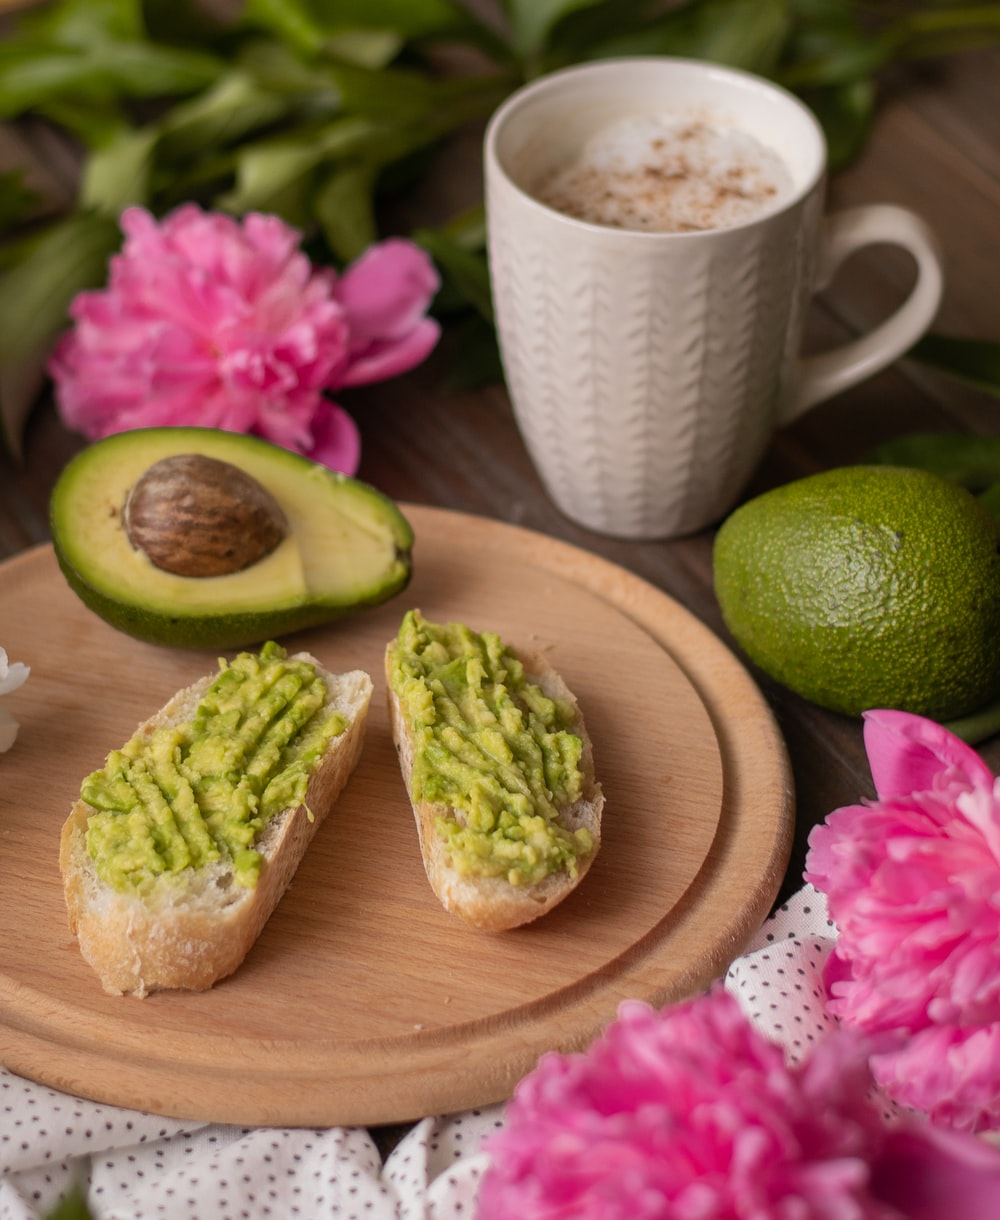 bread with guacamole spread